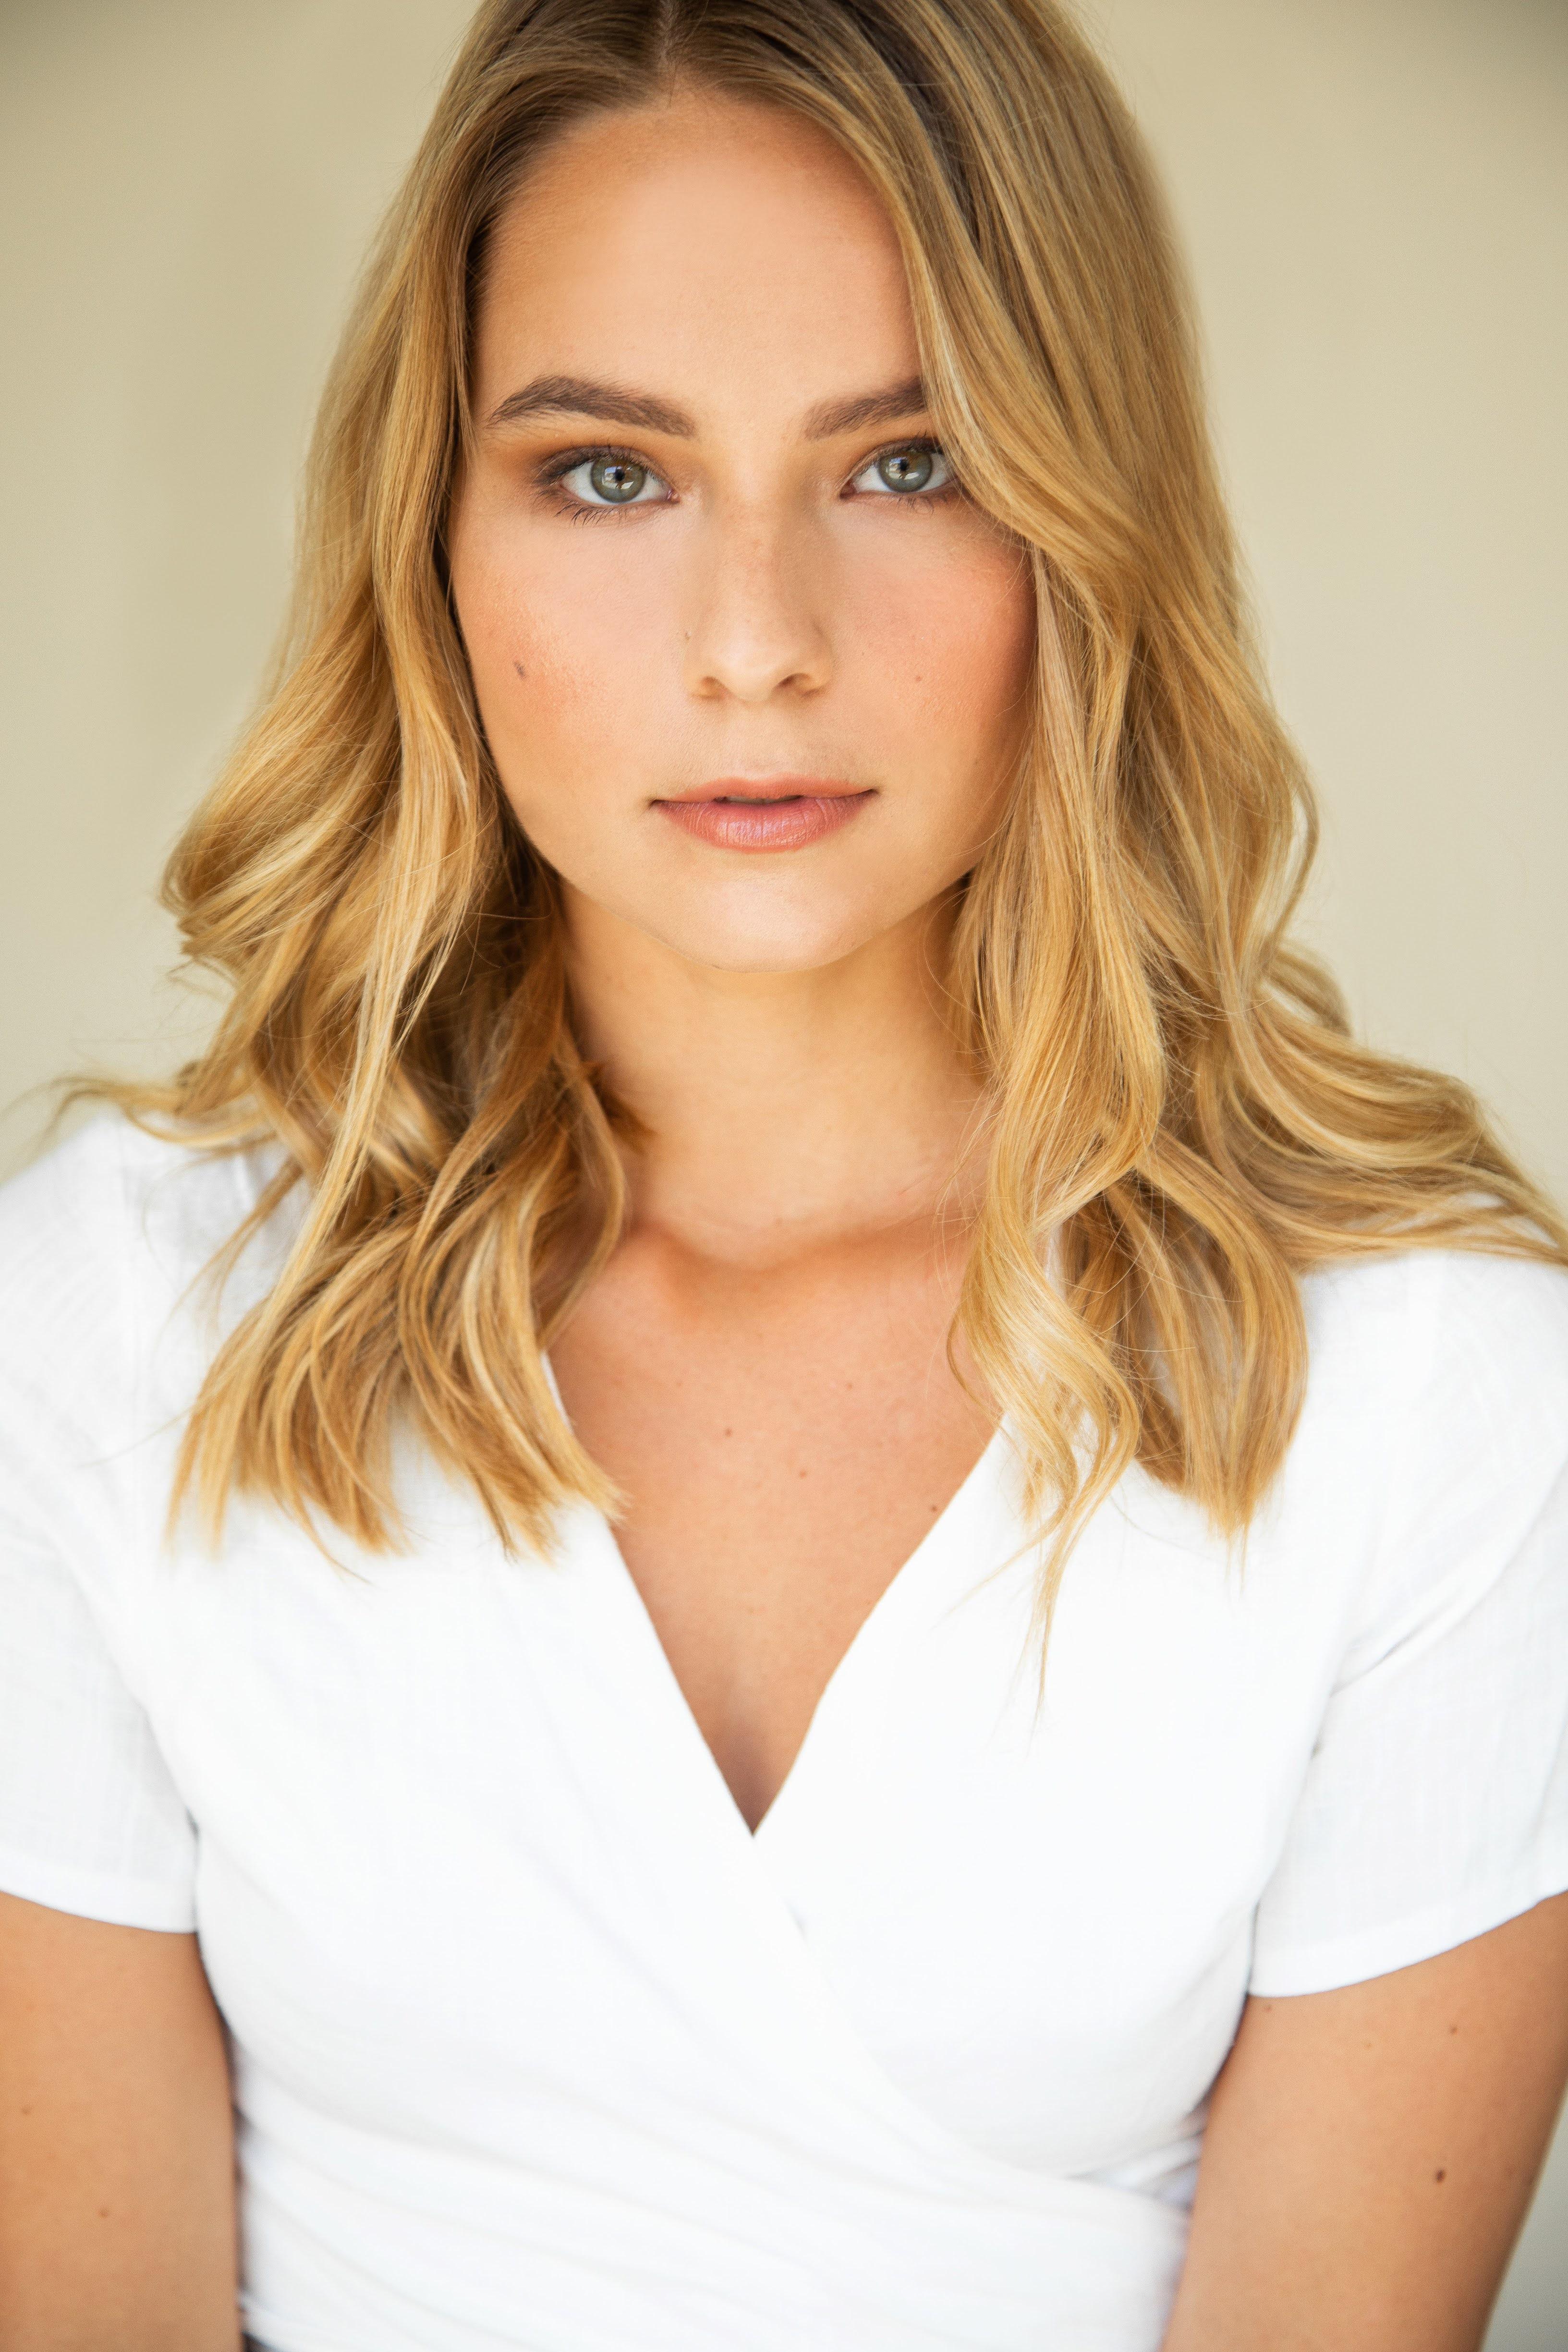 Annika Foster